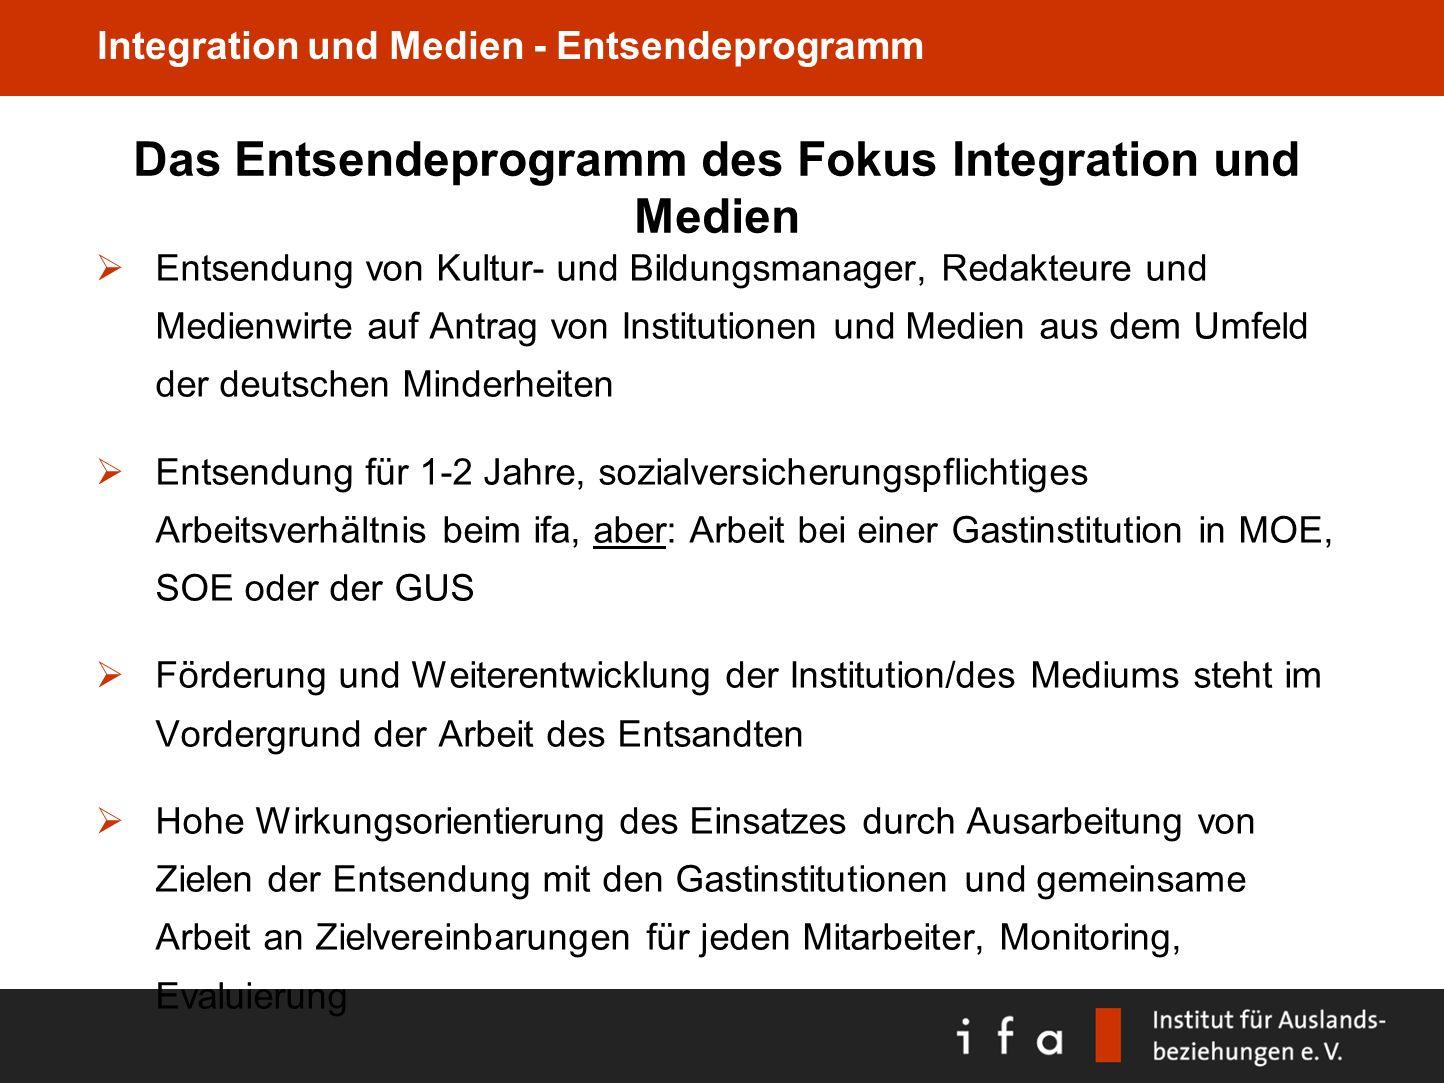 Das Entsendeprogramm des Fokus Integration und Medien